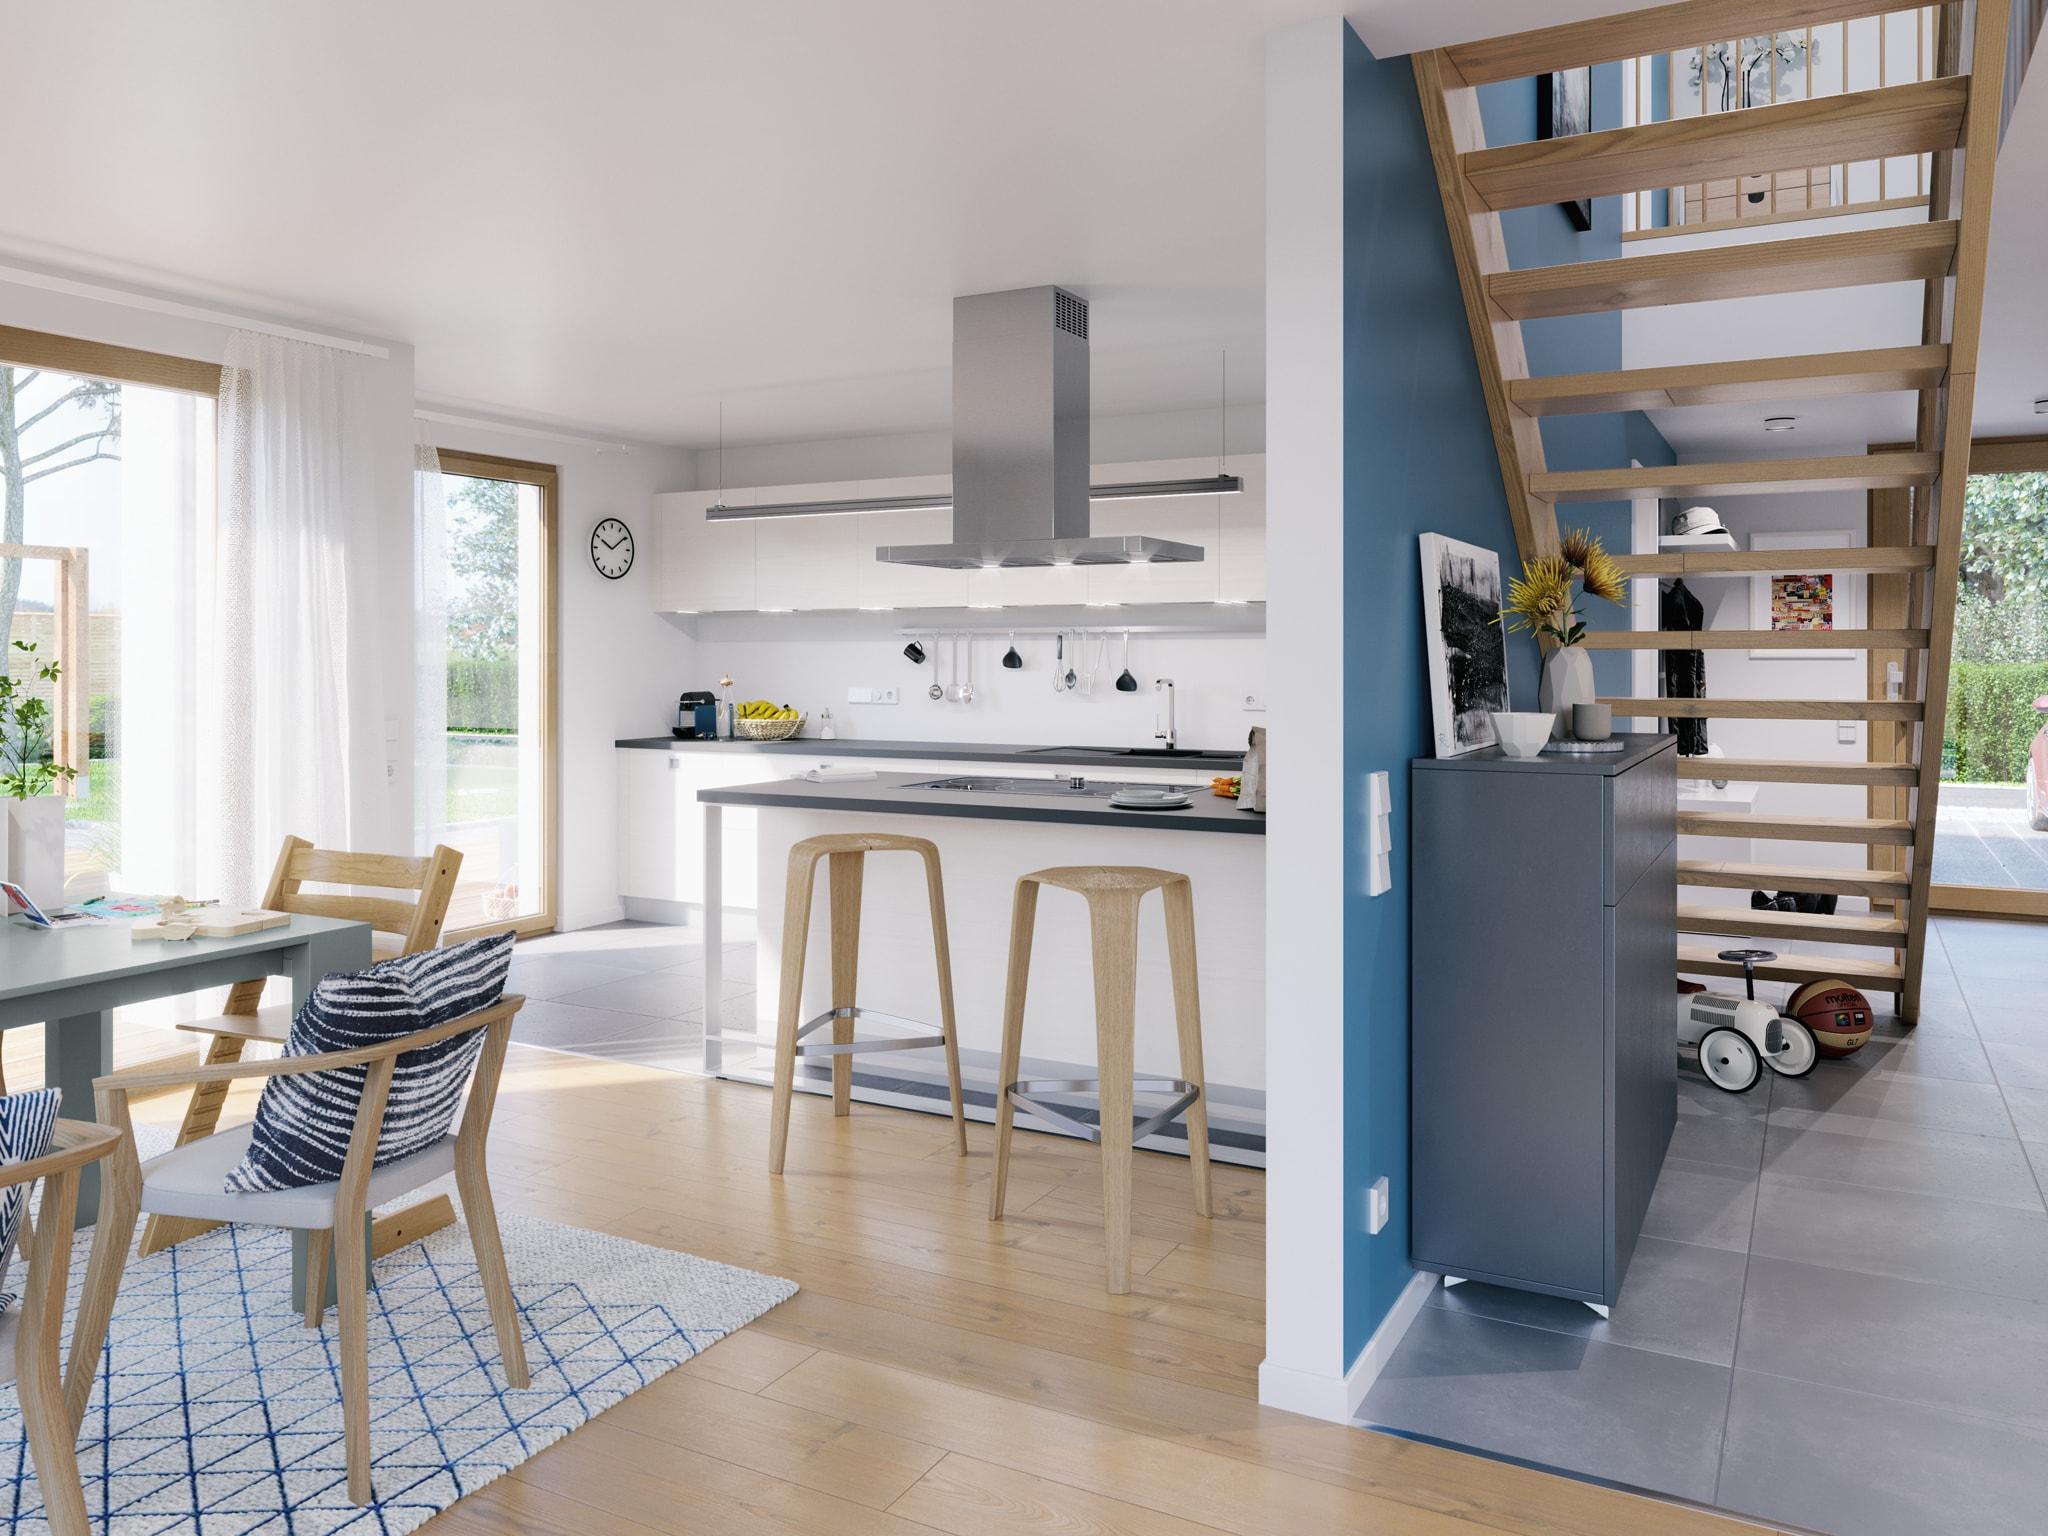 Offene Wohn-Esszimmer mit Treppe - Ideen Inneneinrichtung Fertighaus SUNSHINE 154 V6 von Living Haus - HausbauDirekt.de